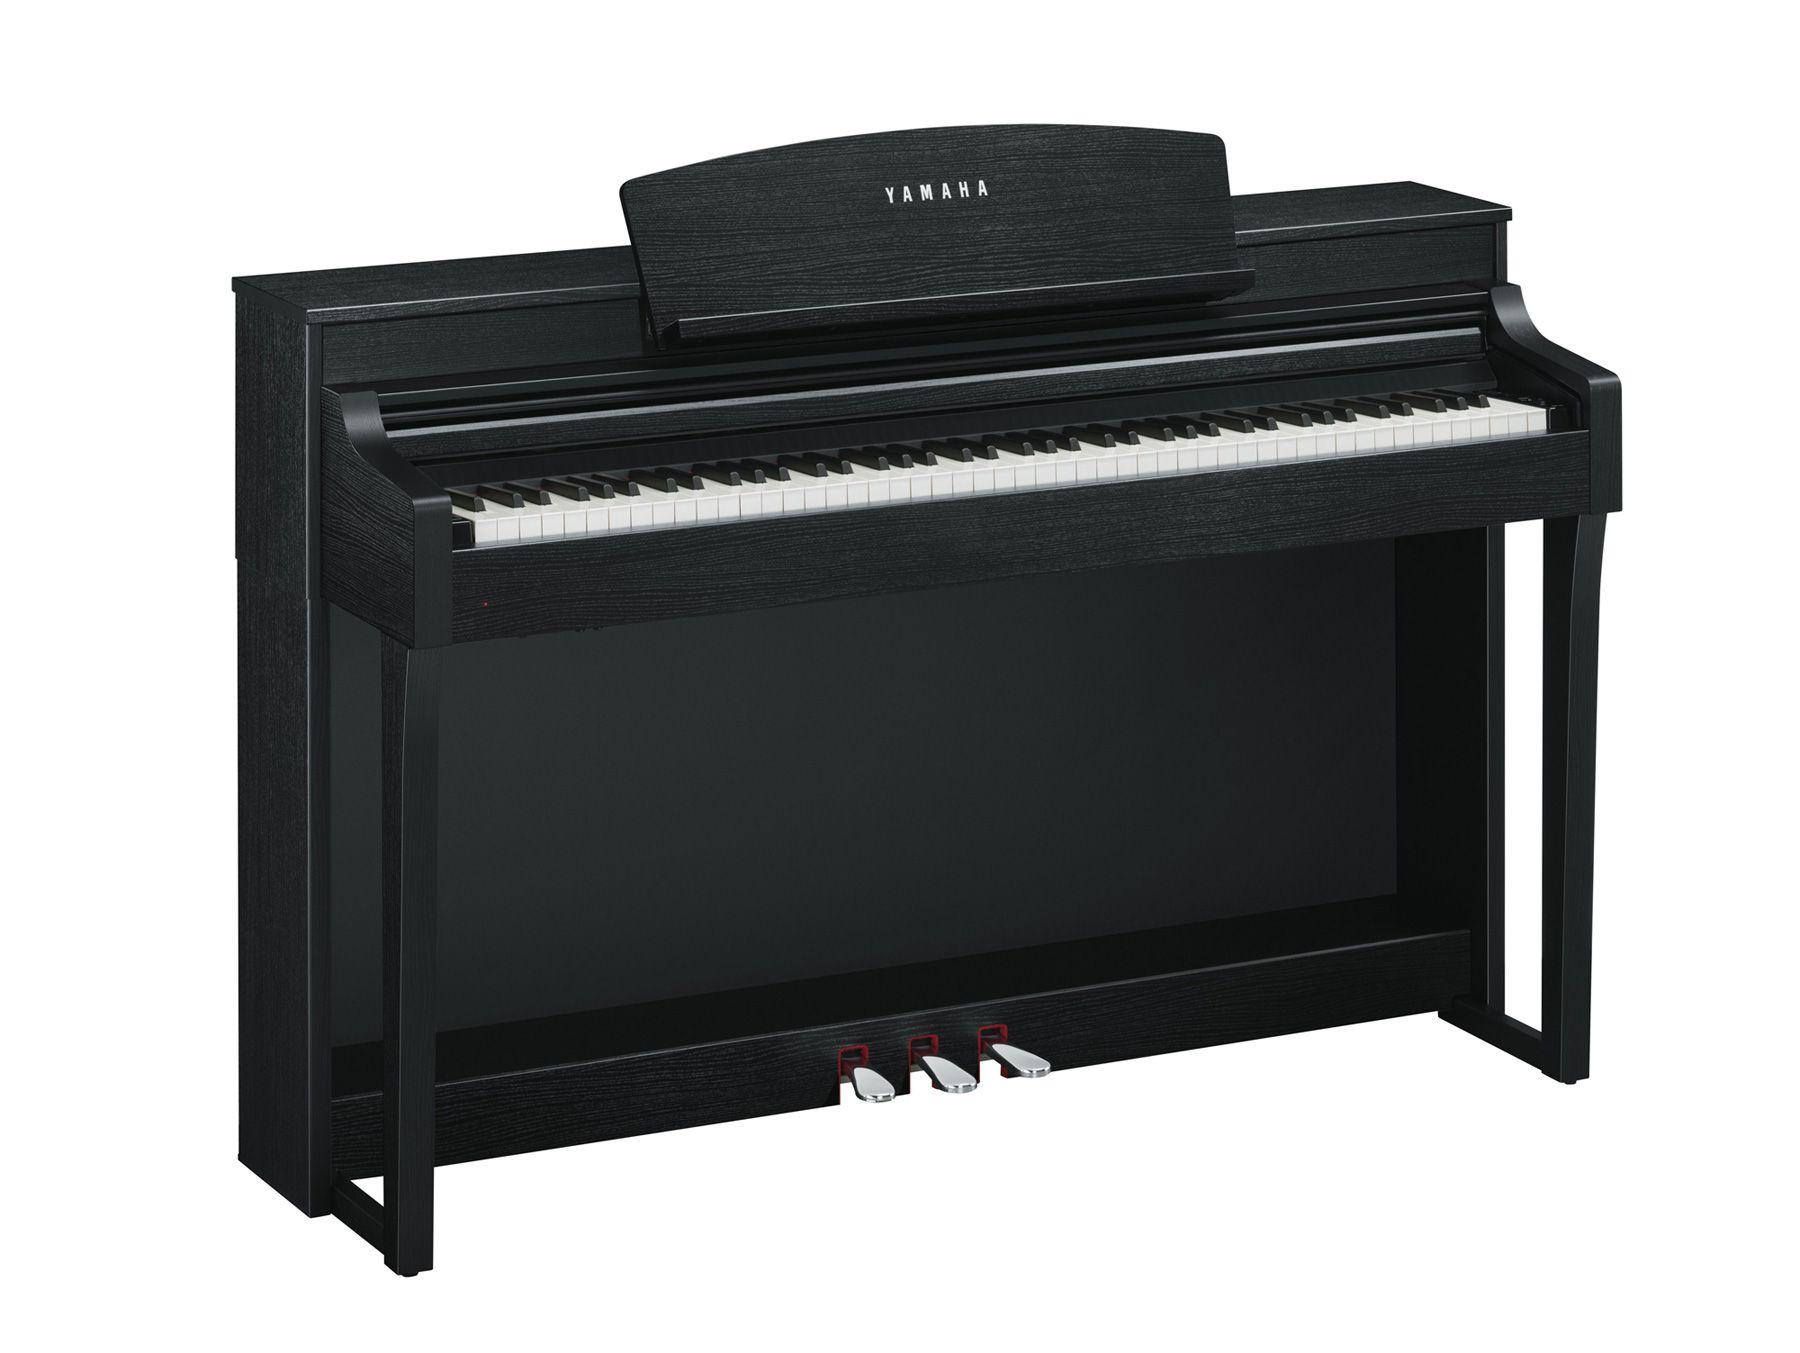 Piano Clavinova Yamaha CSP-150 - Black